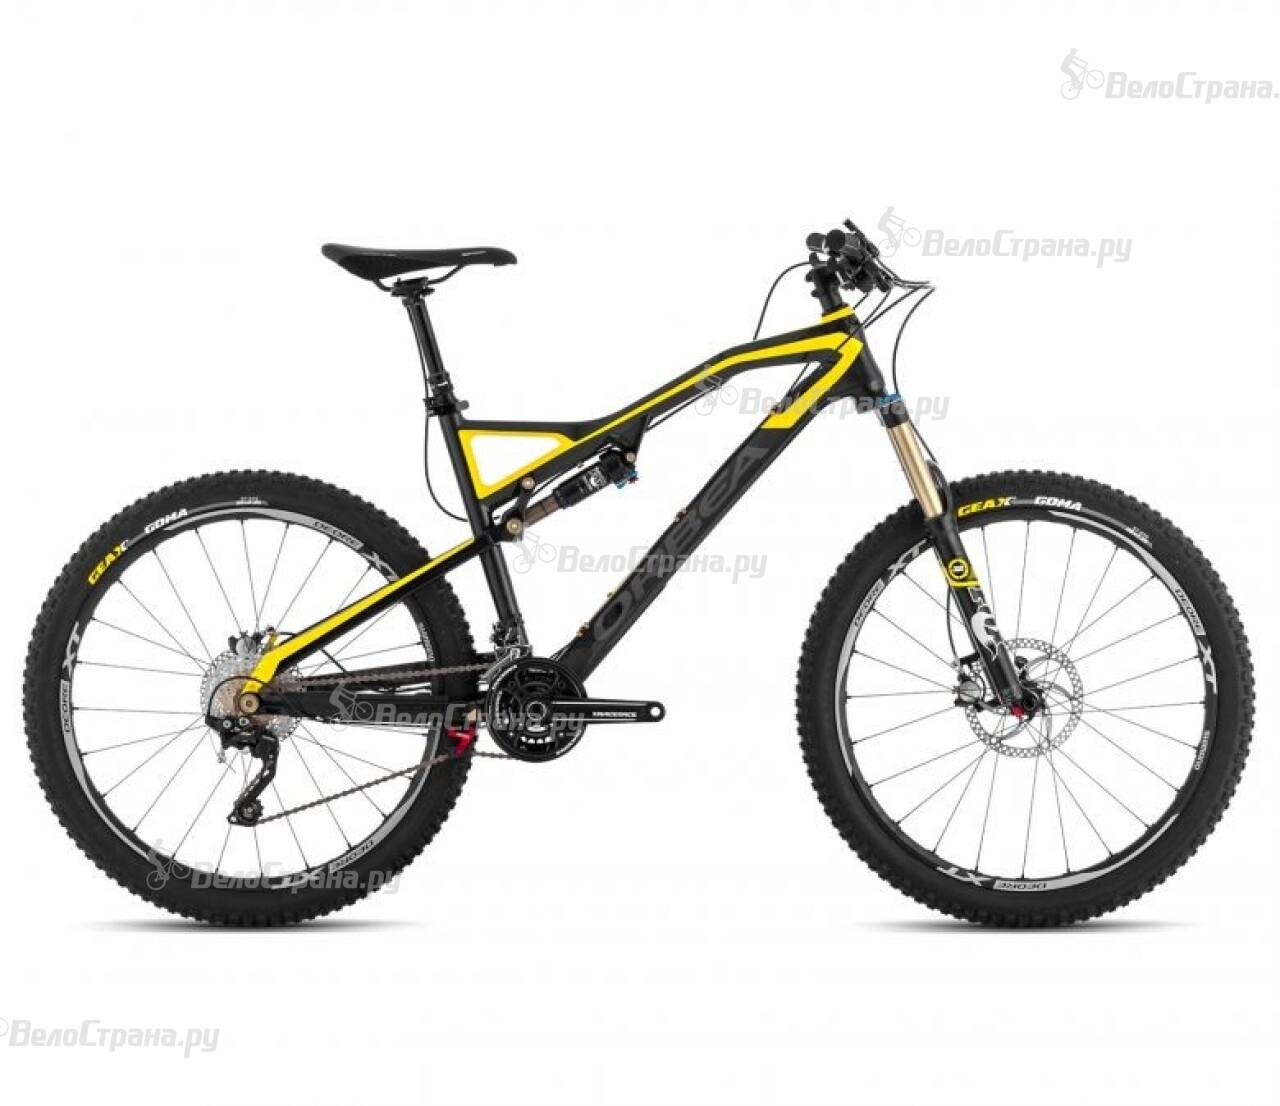 Велосипед Orbea Occam M30x (2014) велосипед orbea occam m10 2014